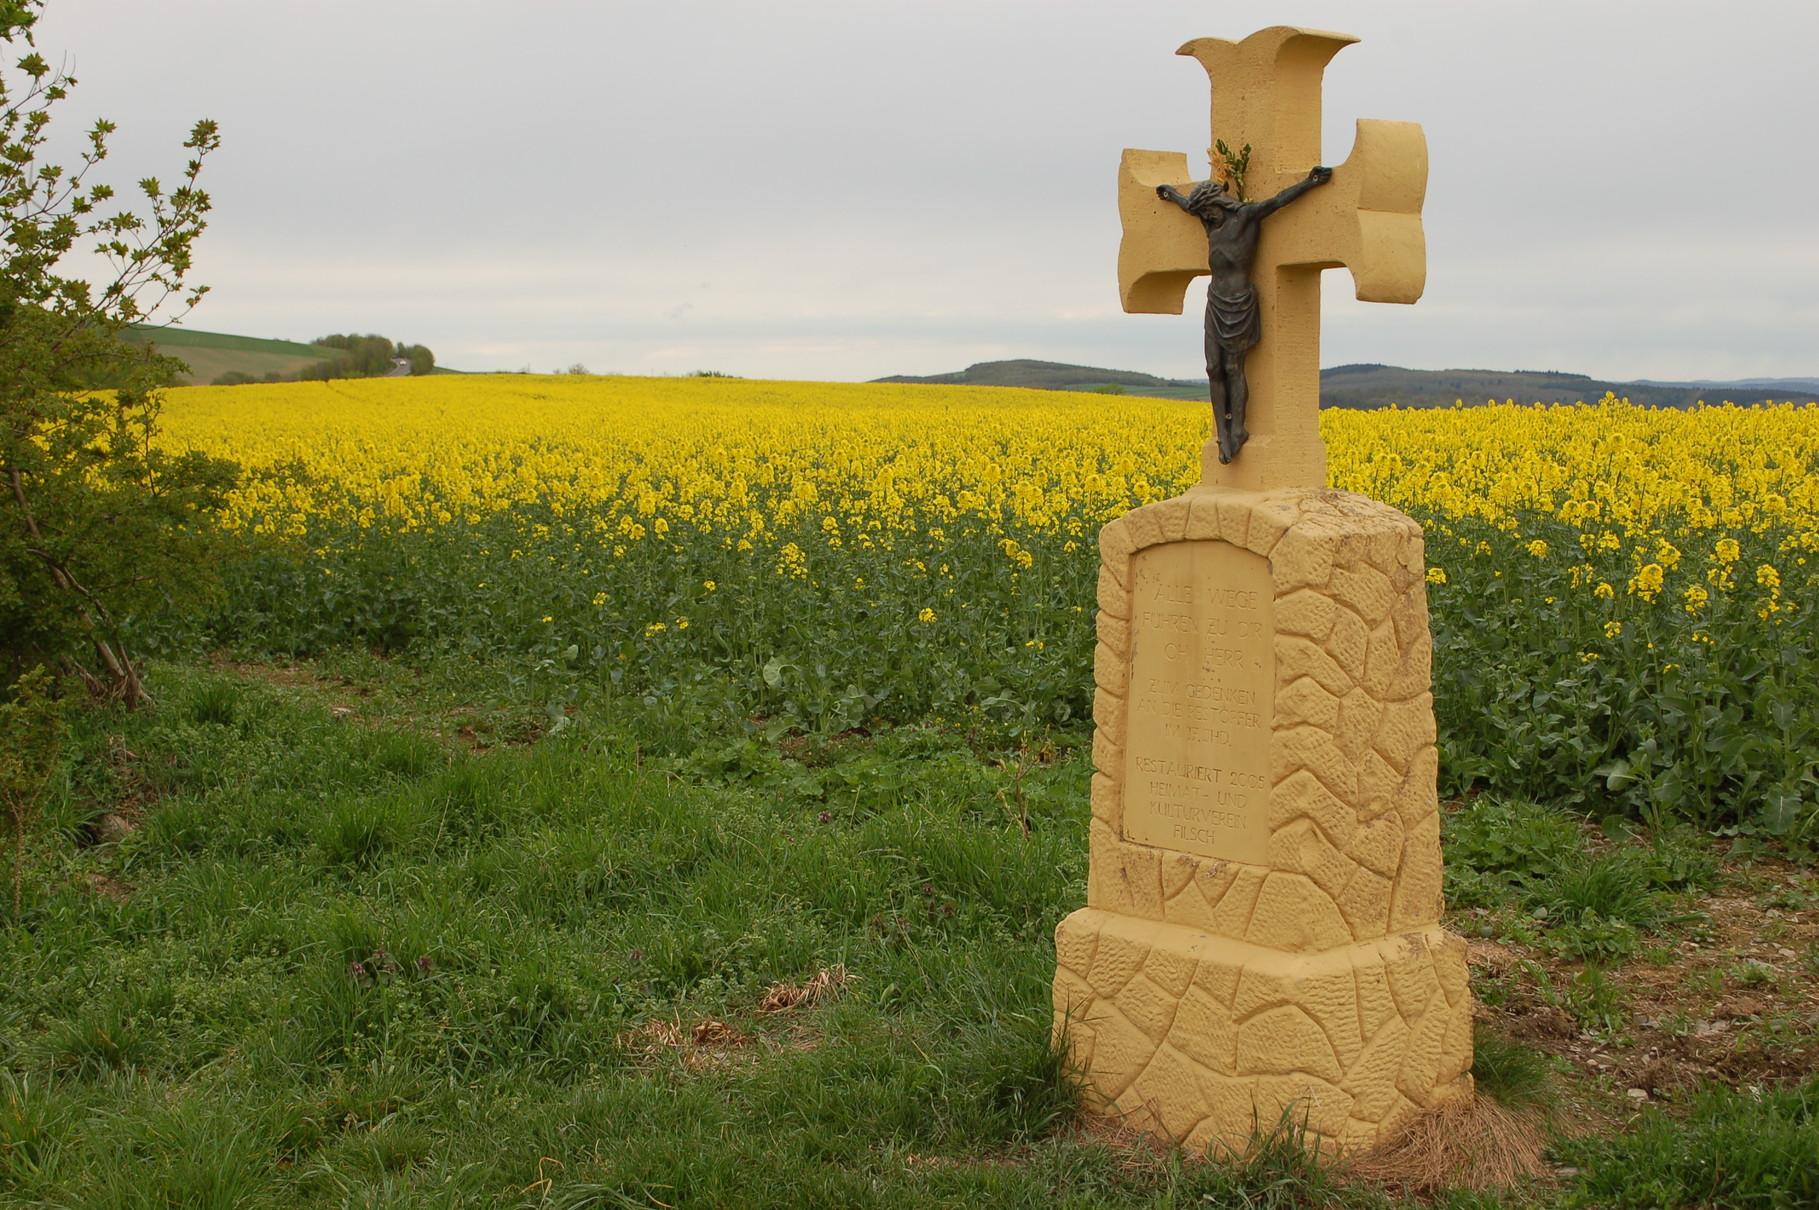 Pestkreuz der Gemeinde Filsch neben einem Rapsfeld auf der Korlinger Höhe